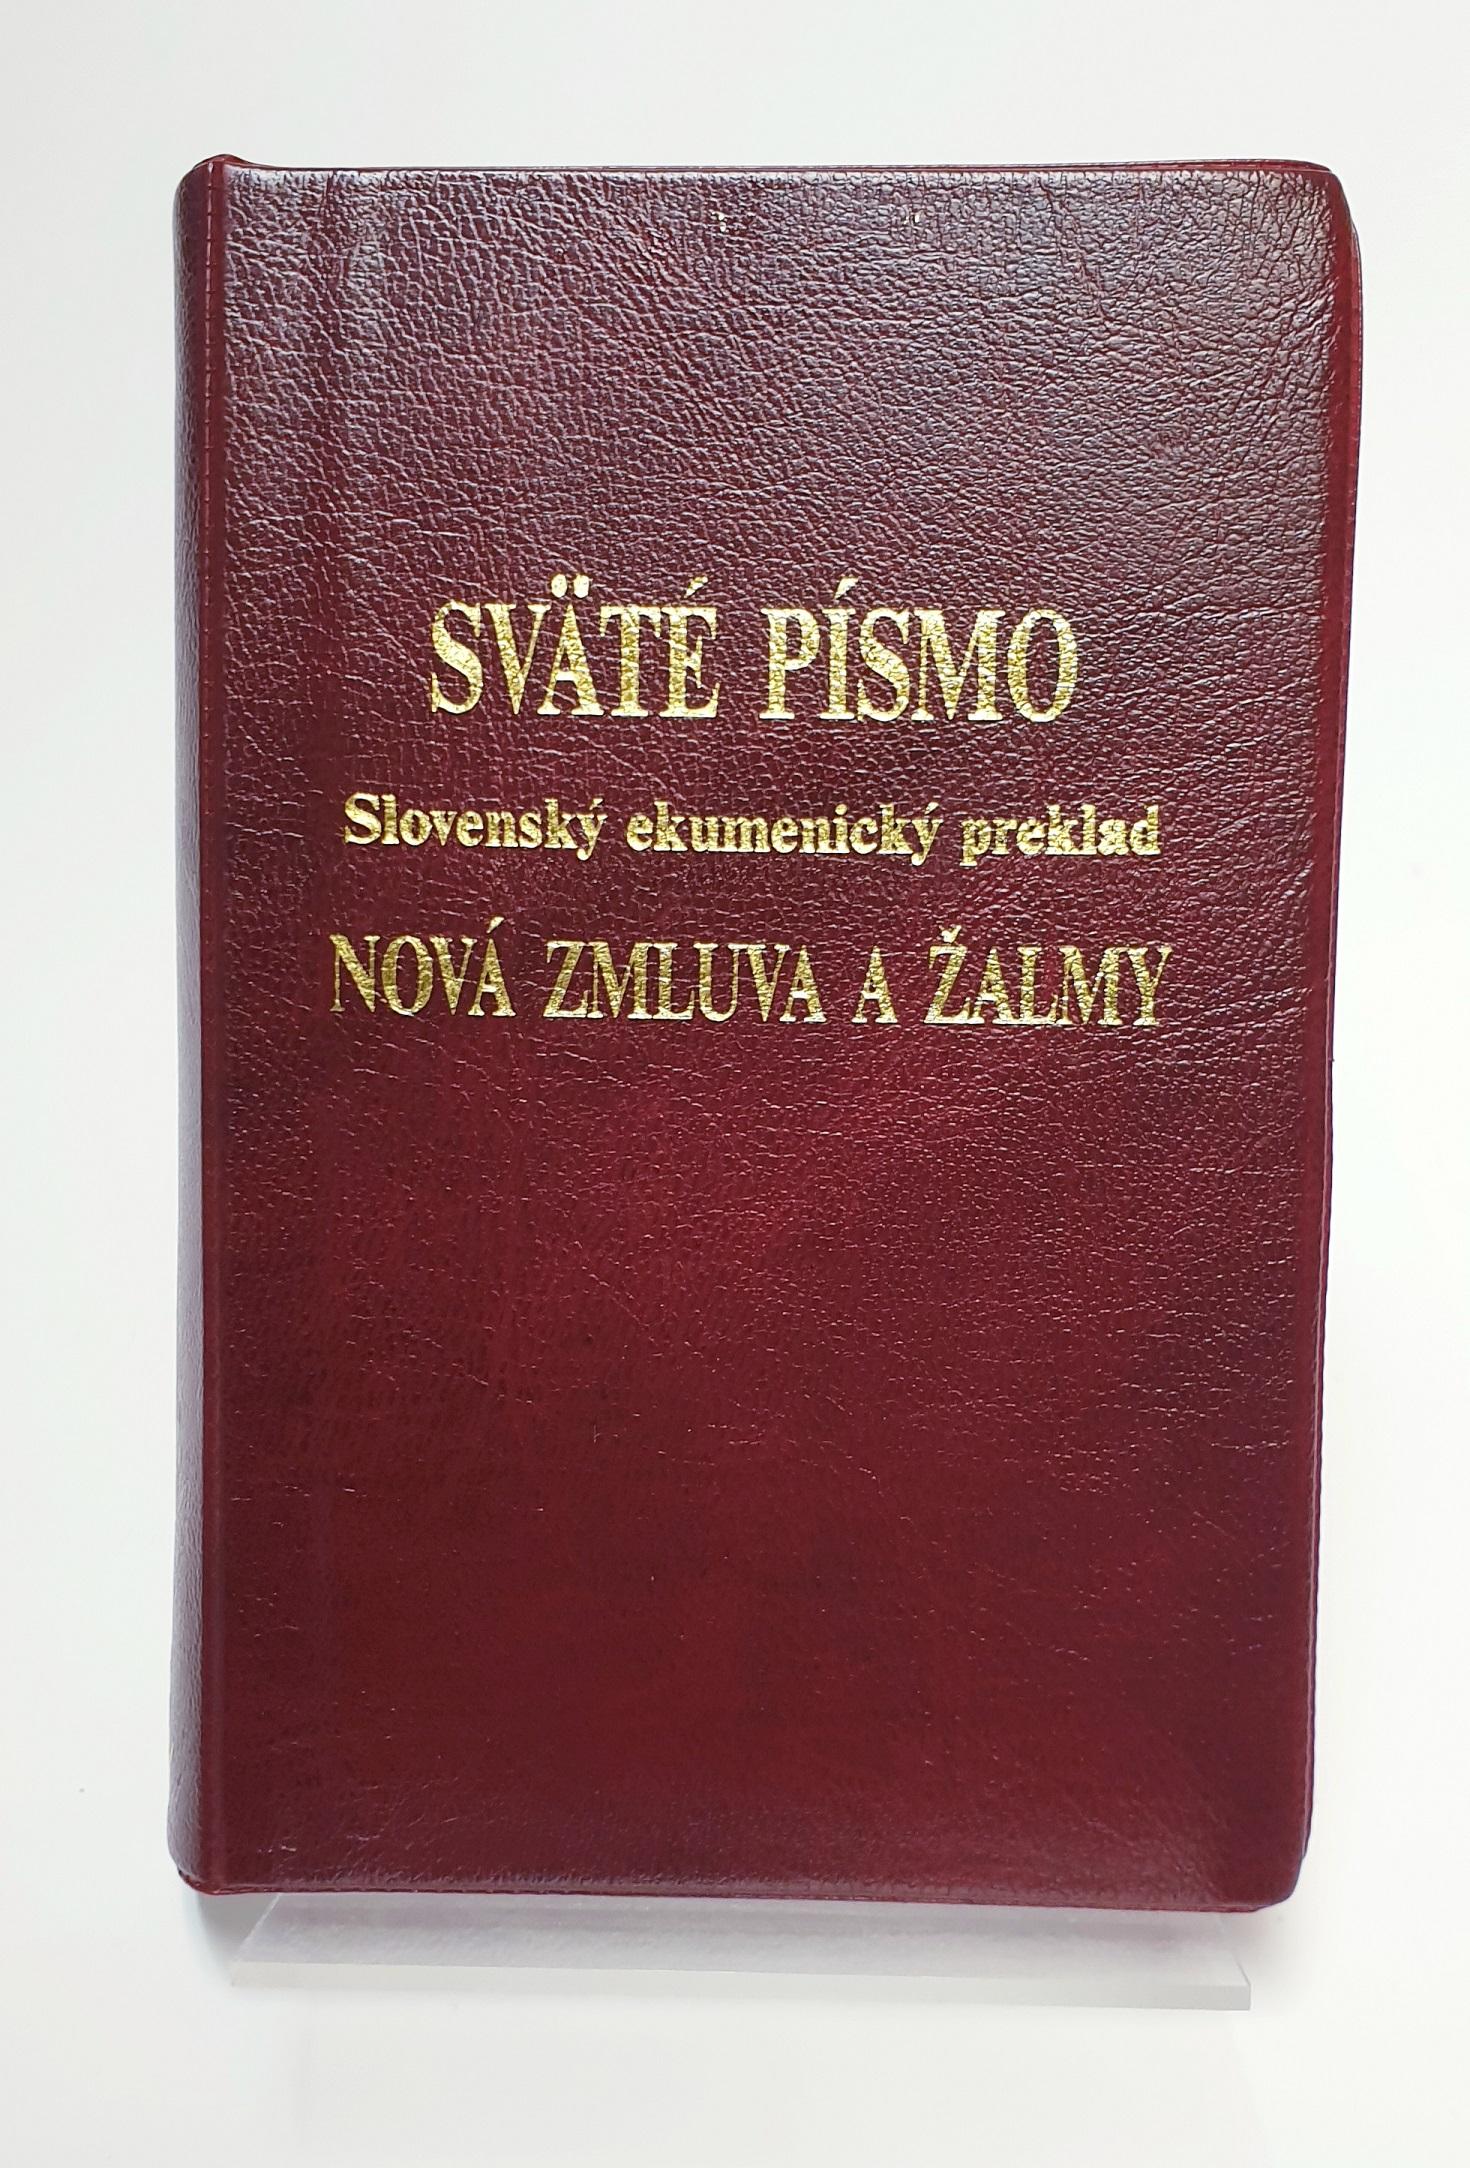 Slovakiskt nytt testamente artikelnummer 2488 via bibelbutiken.se